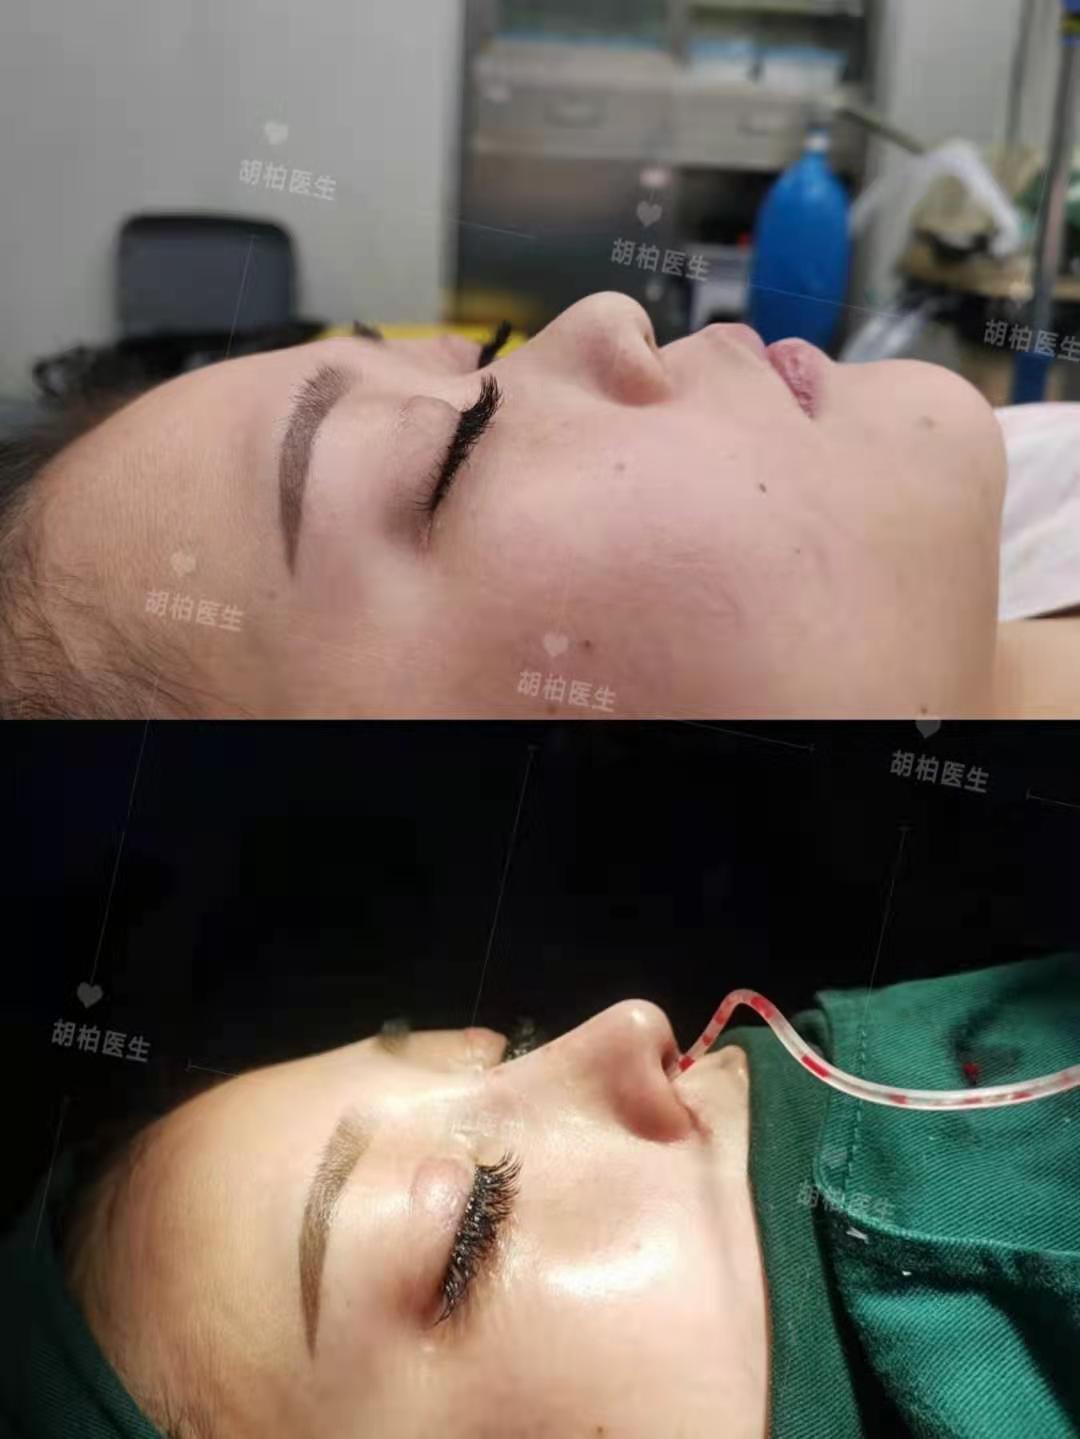 超体隆鼻胡柏怎么收费